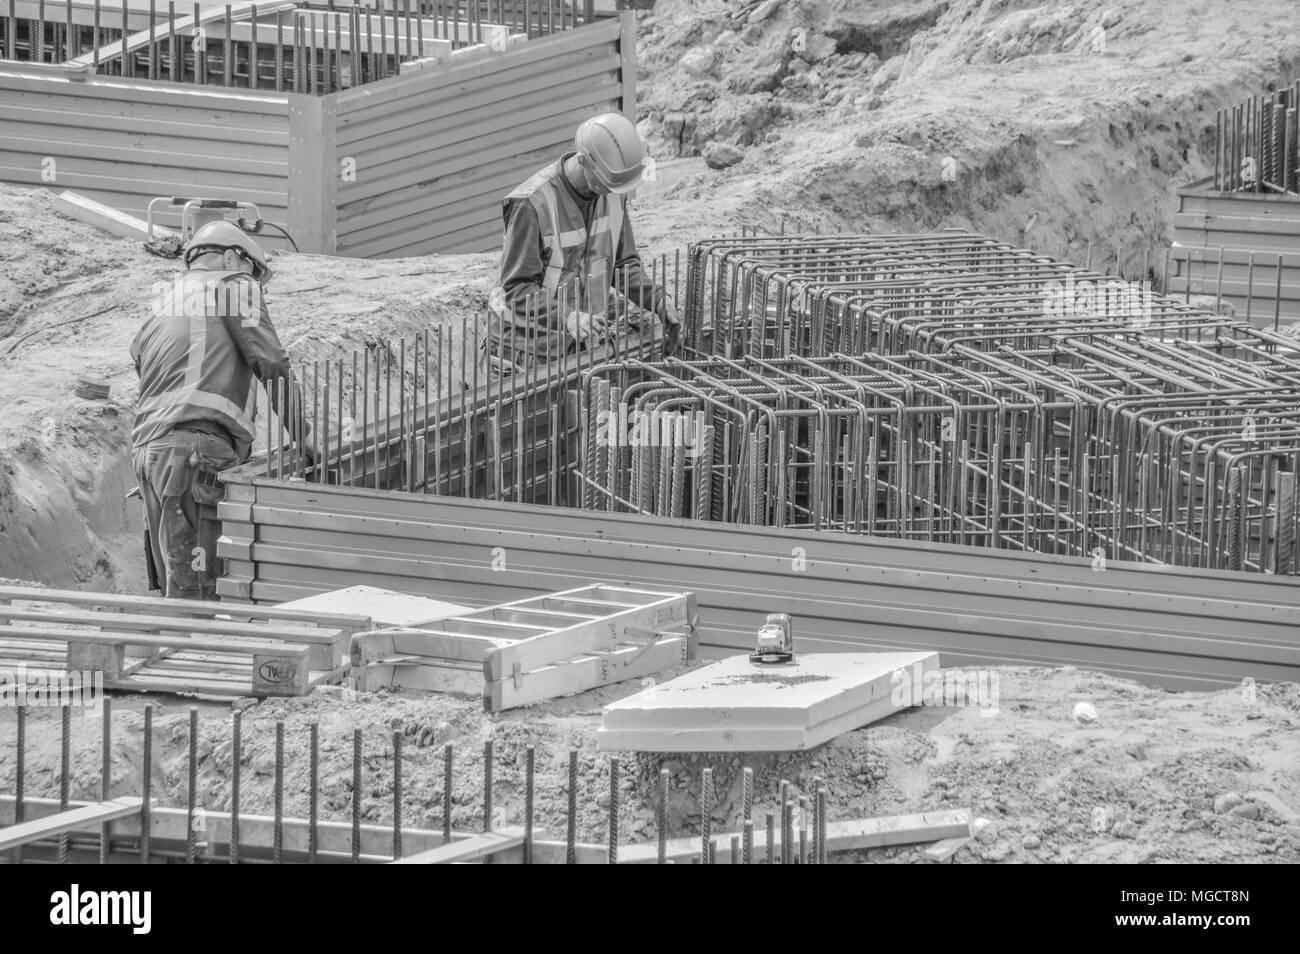 Steel Benders At Work - Stock Image